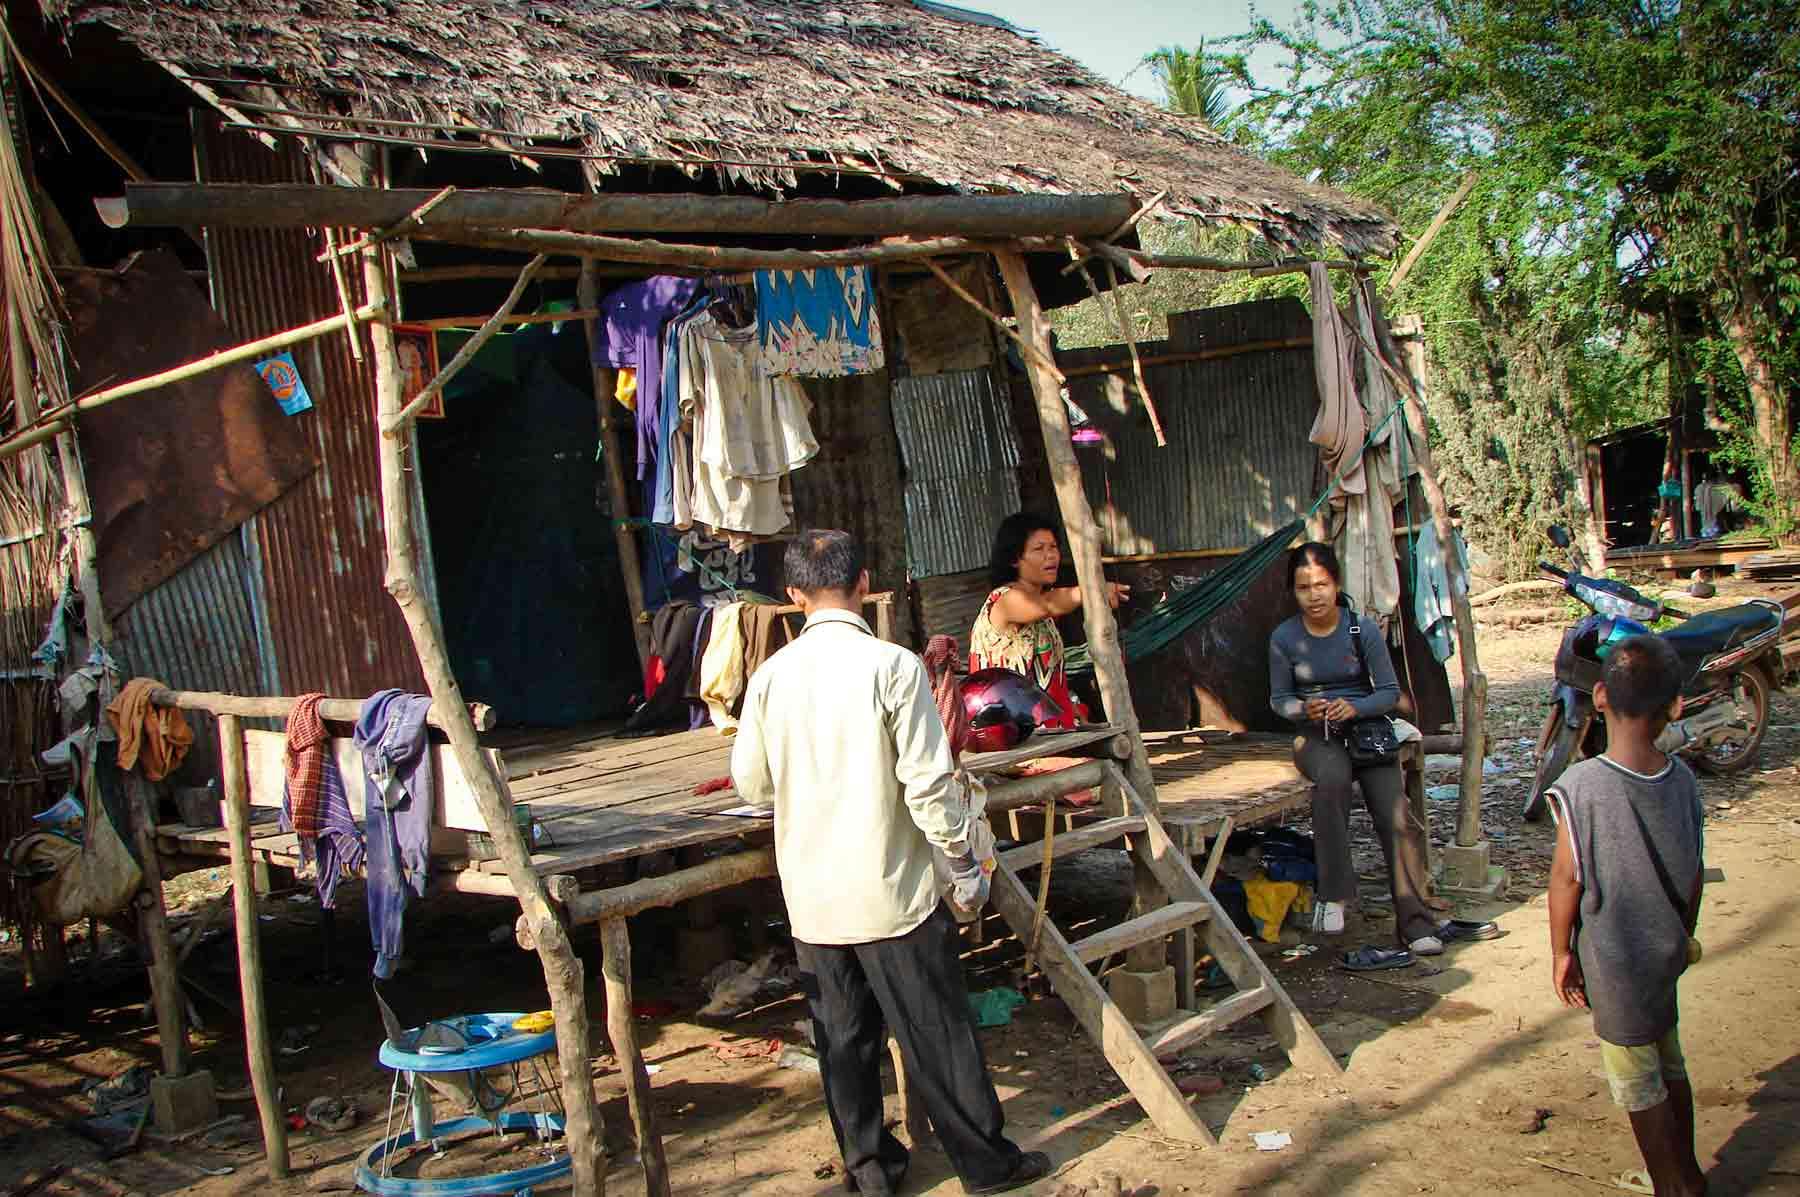 Nos volontaires interviennent dans un village au Cambodge, pour venir en aide à un enfant en situation de maltraitance grave.